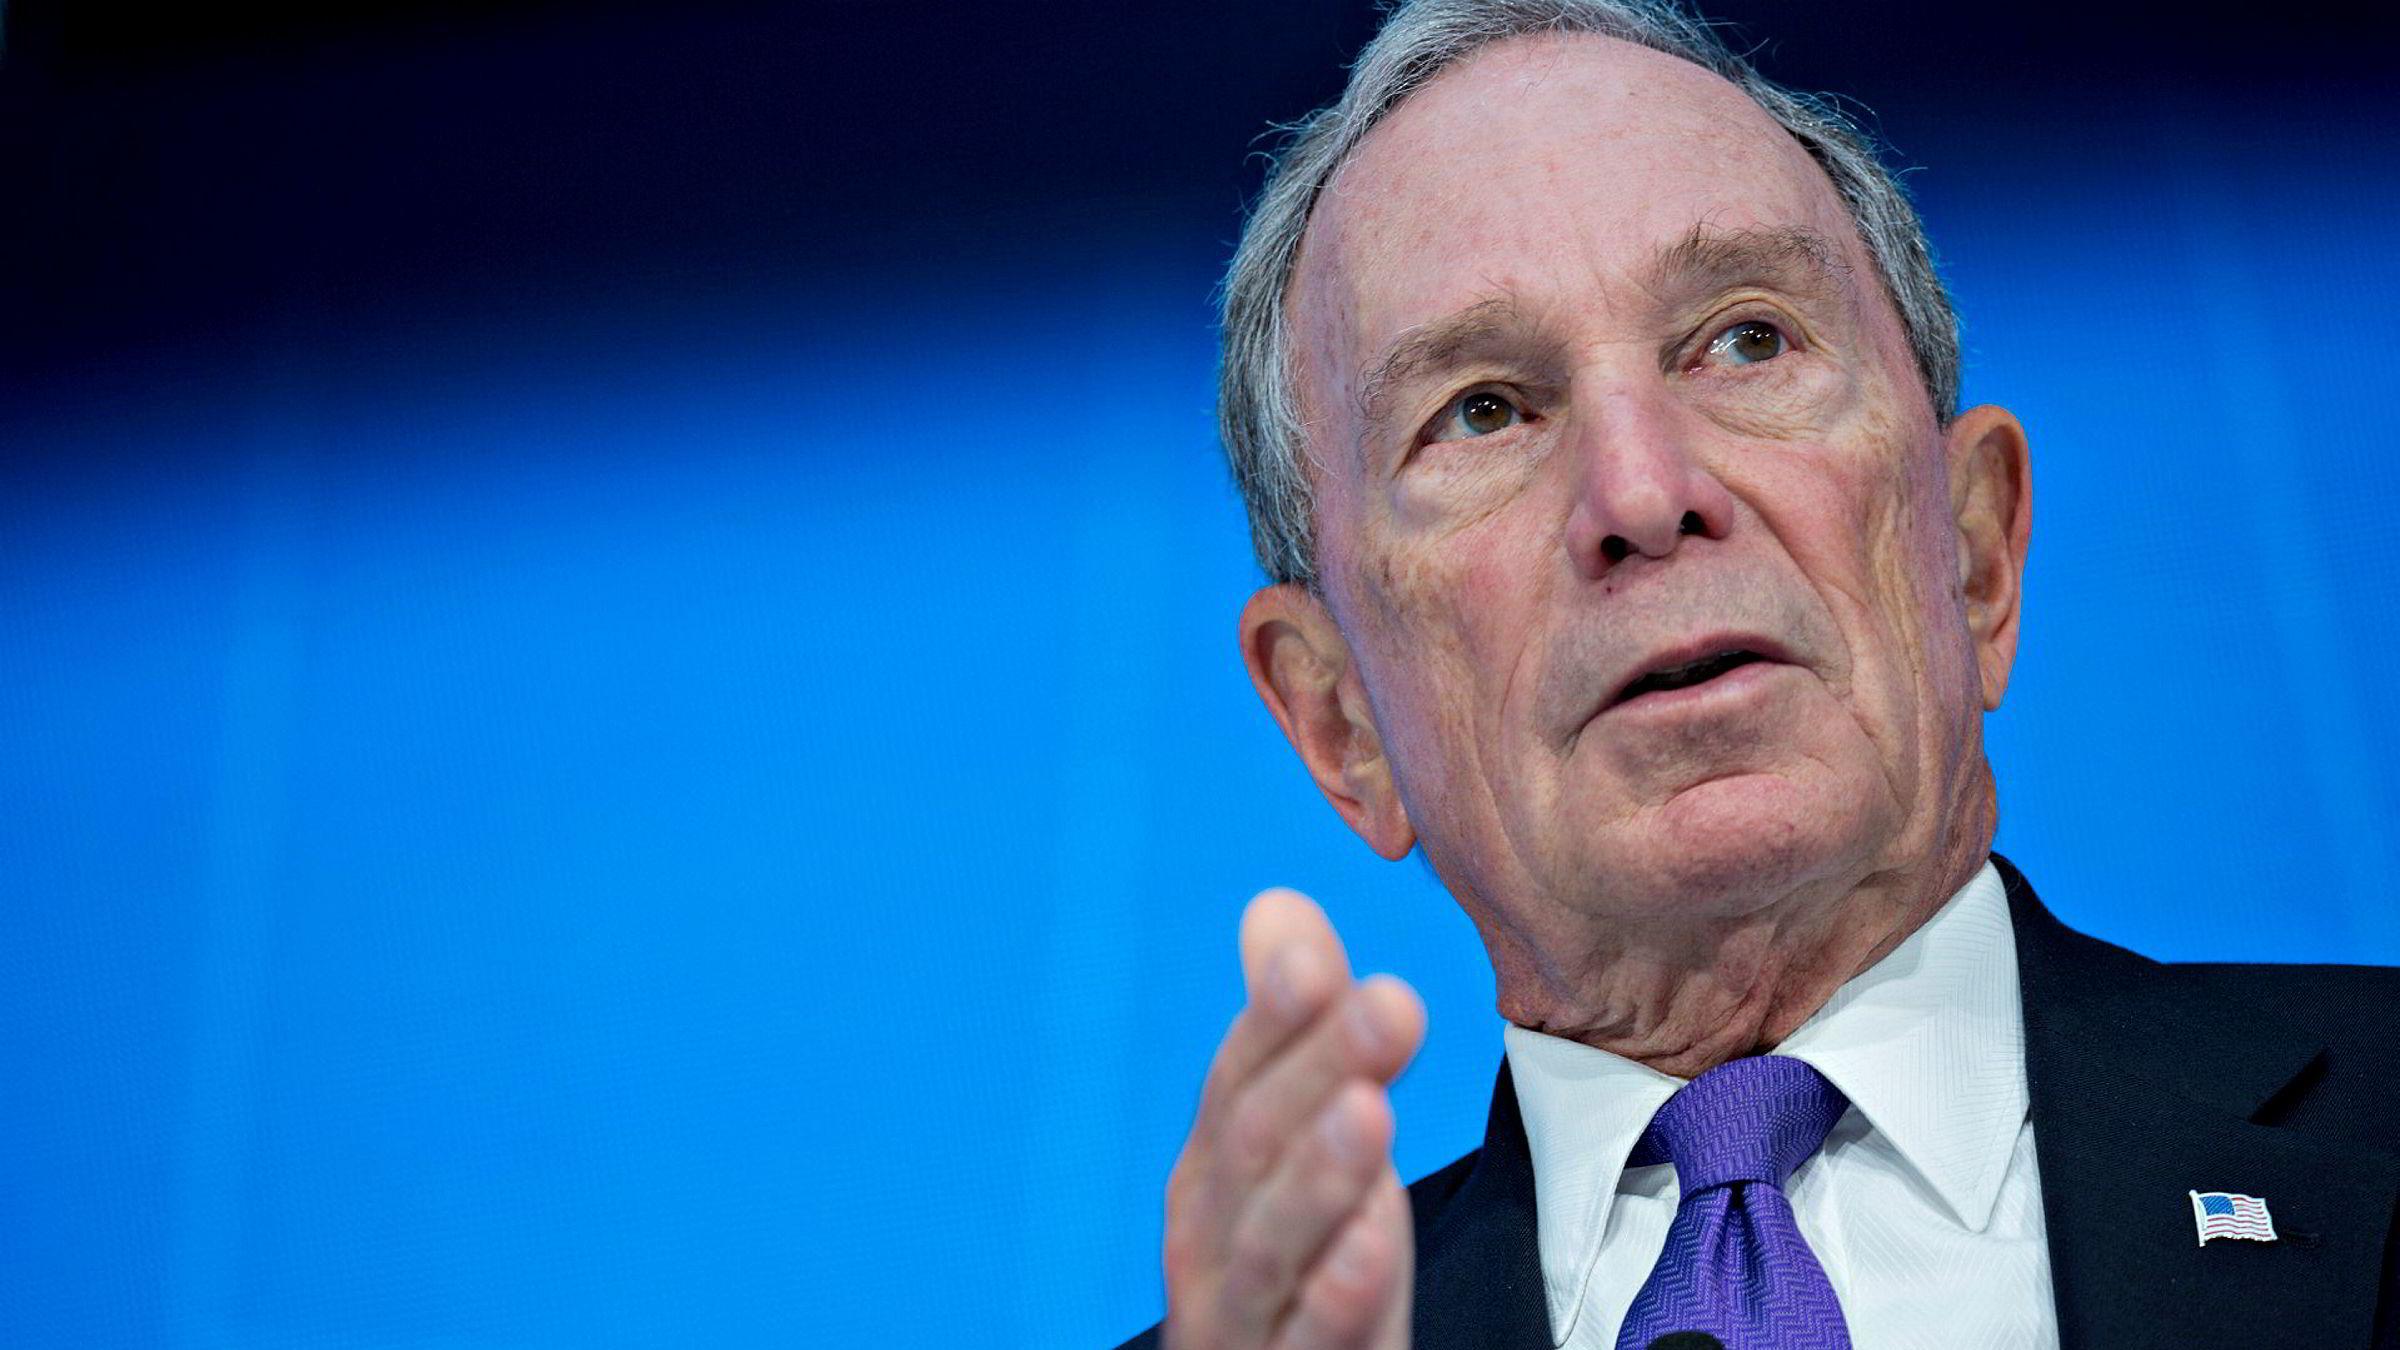 Den 77 år gamle milliardæren Michael Bloomberg vil sannsynligvis stille som presidentkandidat i USA. Han mener de eksisterende kandidatene ikke vil klare å fjerne Trump fra Det hvite hus i 2020.